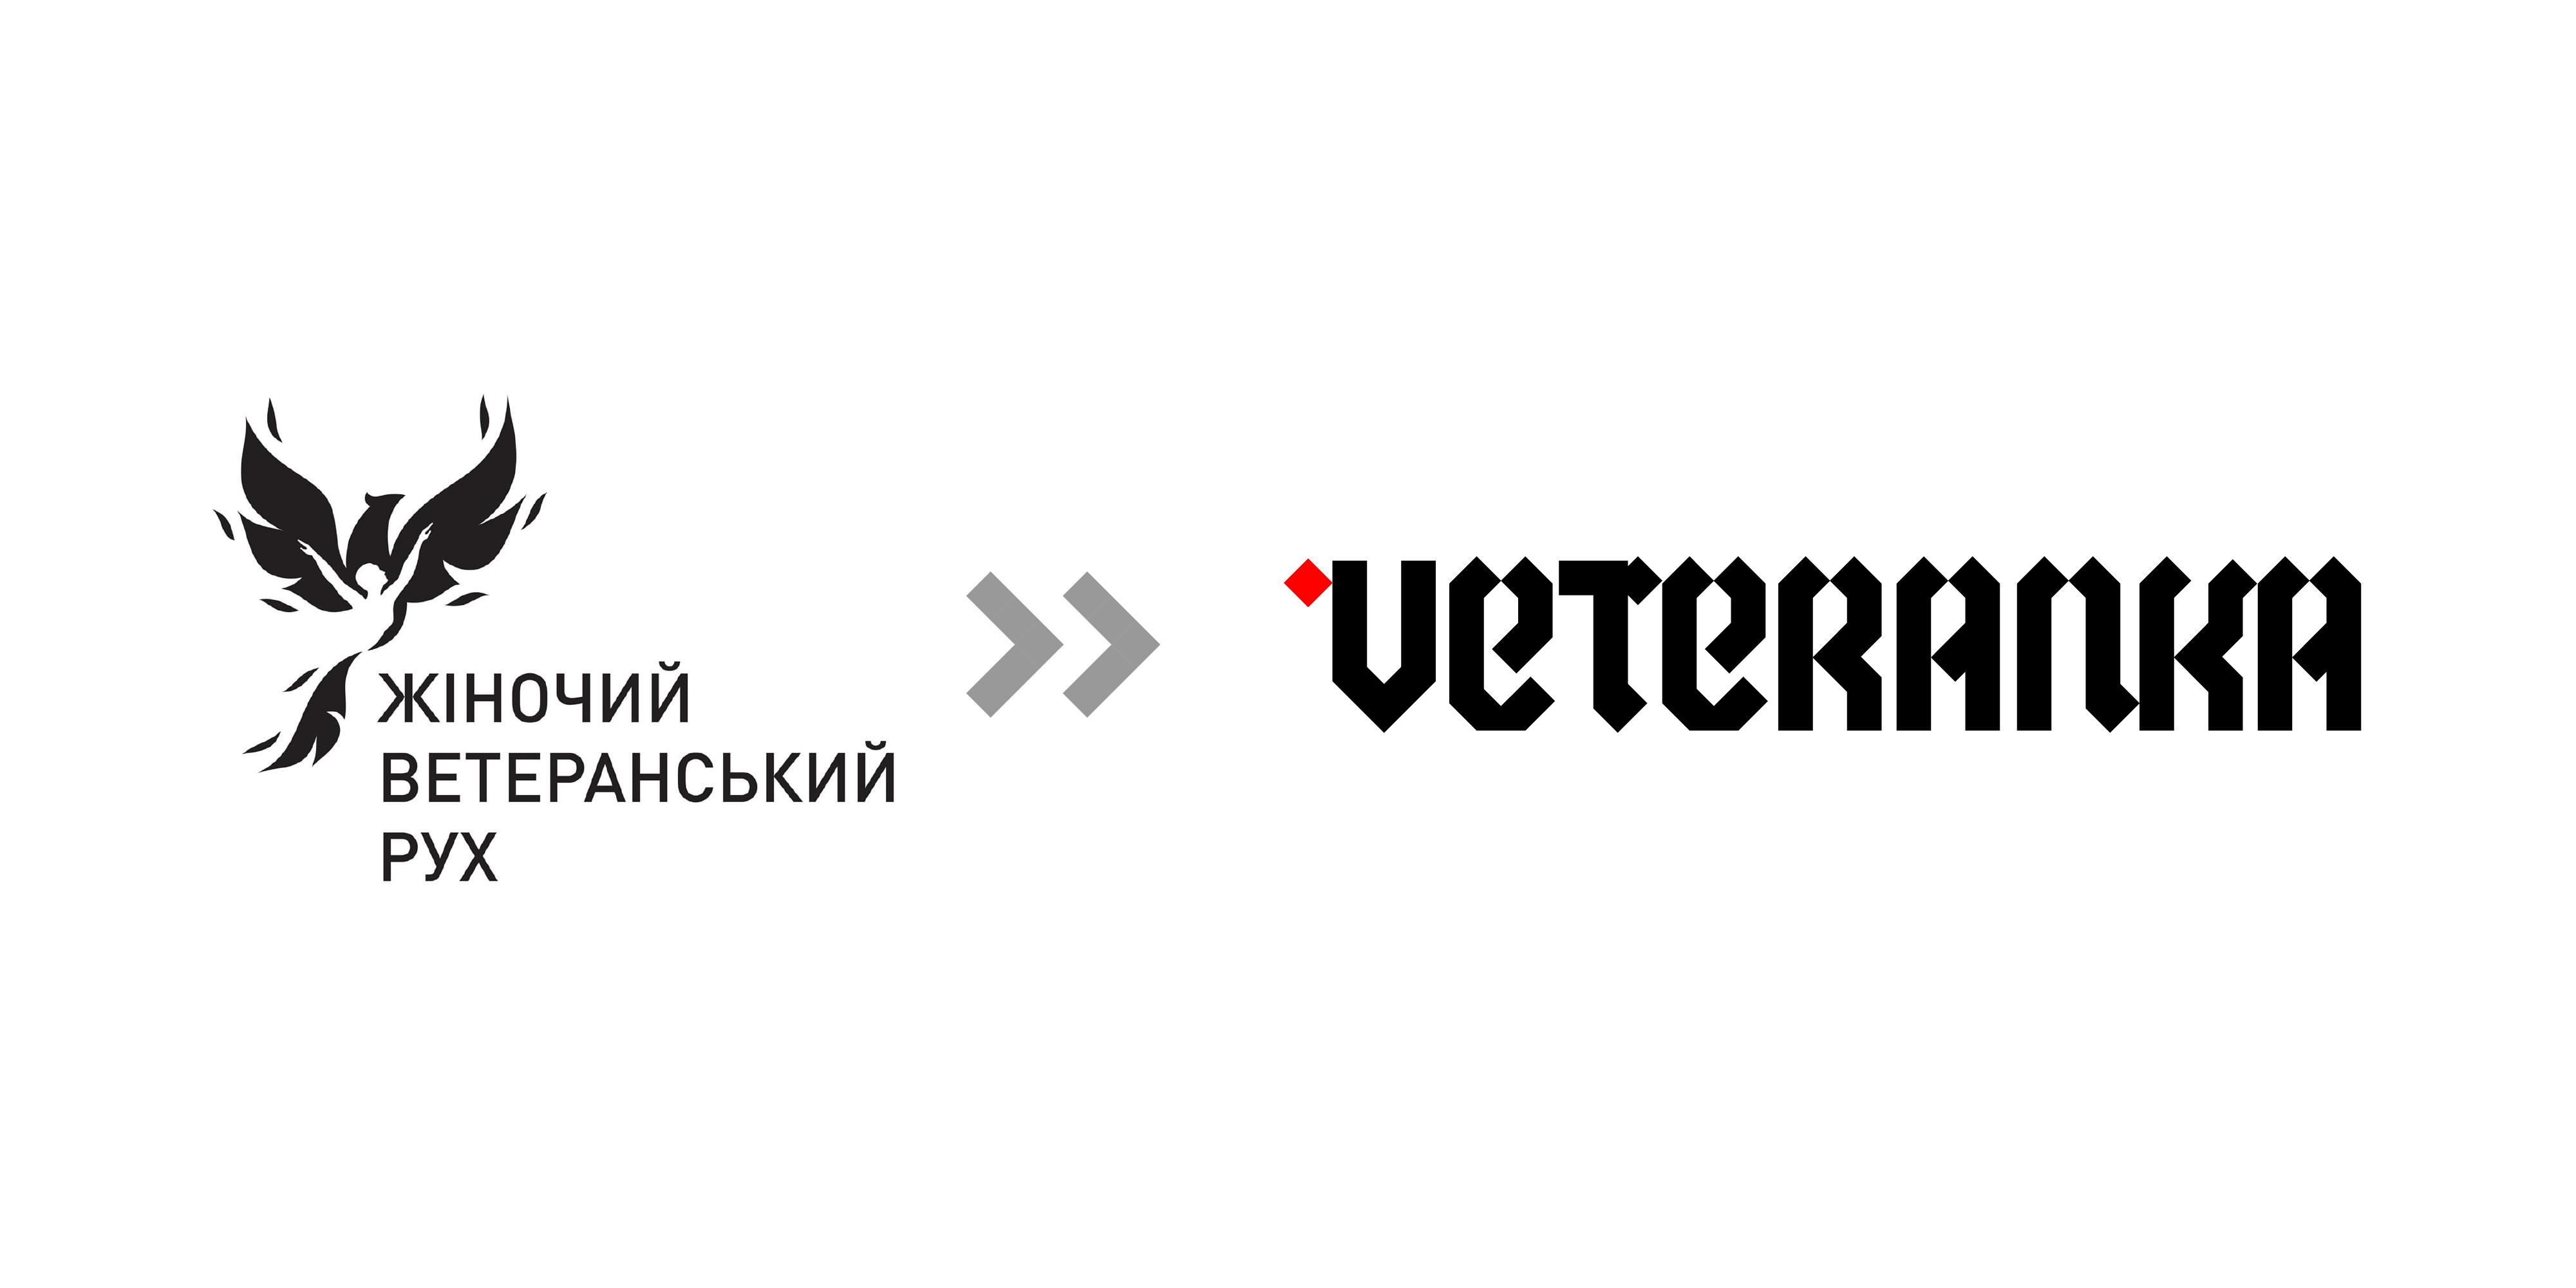 Слева старый логотип.